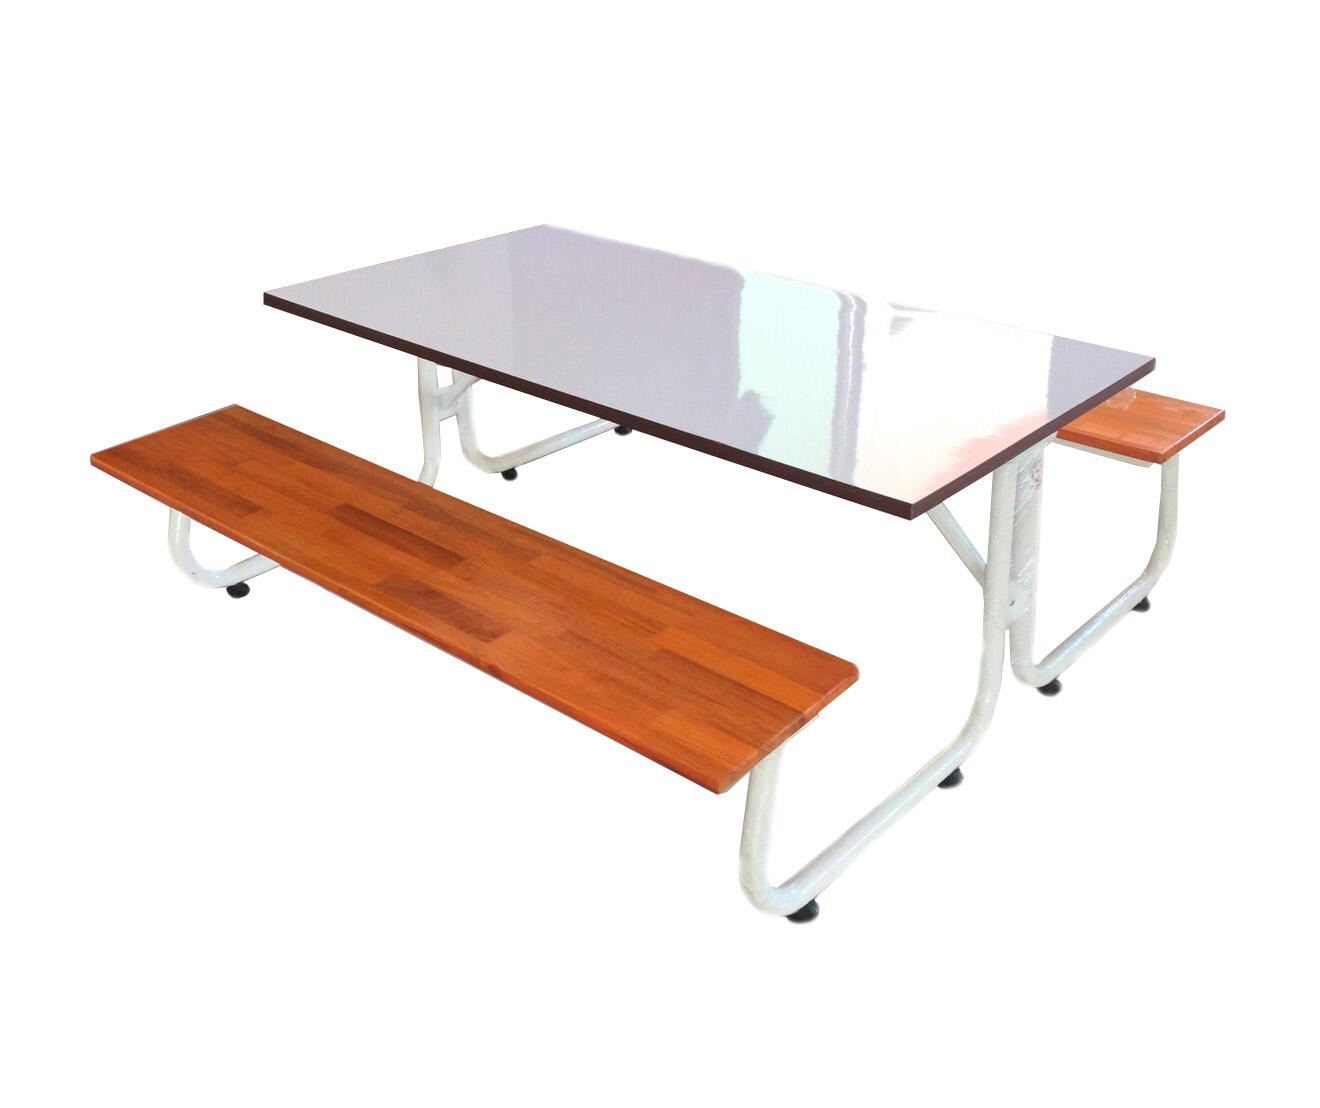 โต๊ะโรงอาหารขา J หน้าโต๊ะโฟเมก้าขาวแบบตัน ม้านั่งไม้ยางพาราแผ่นเดียว ยาว 180เมตร kkw23-7